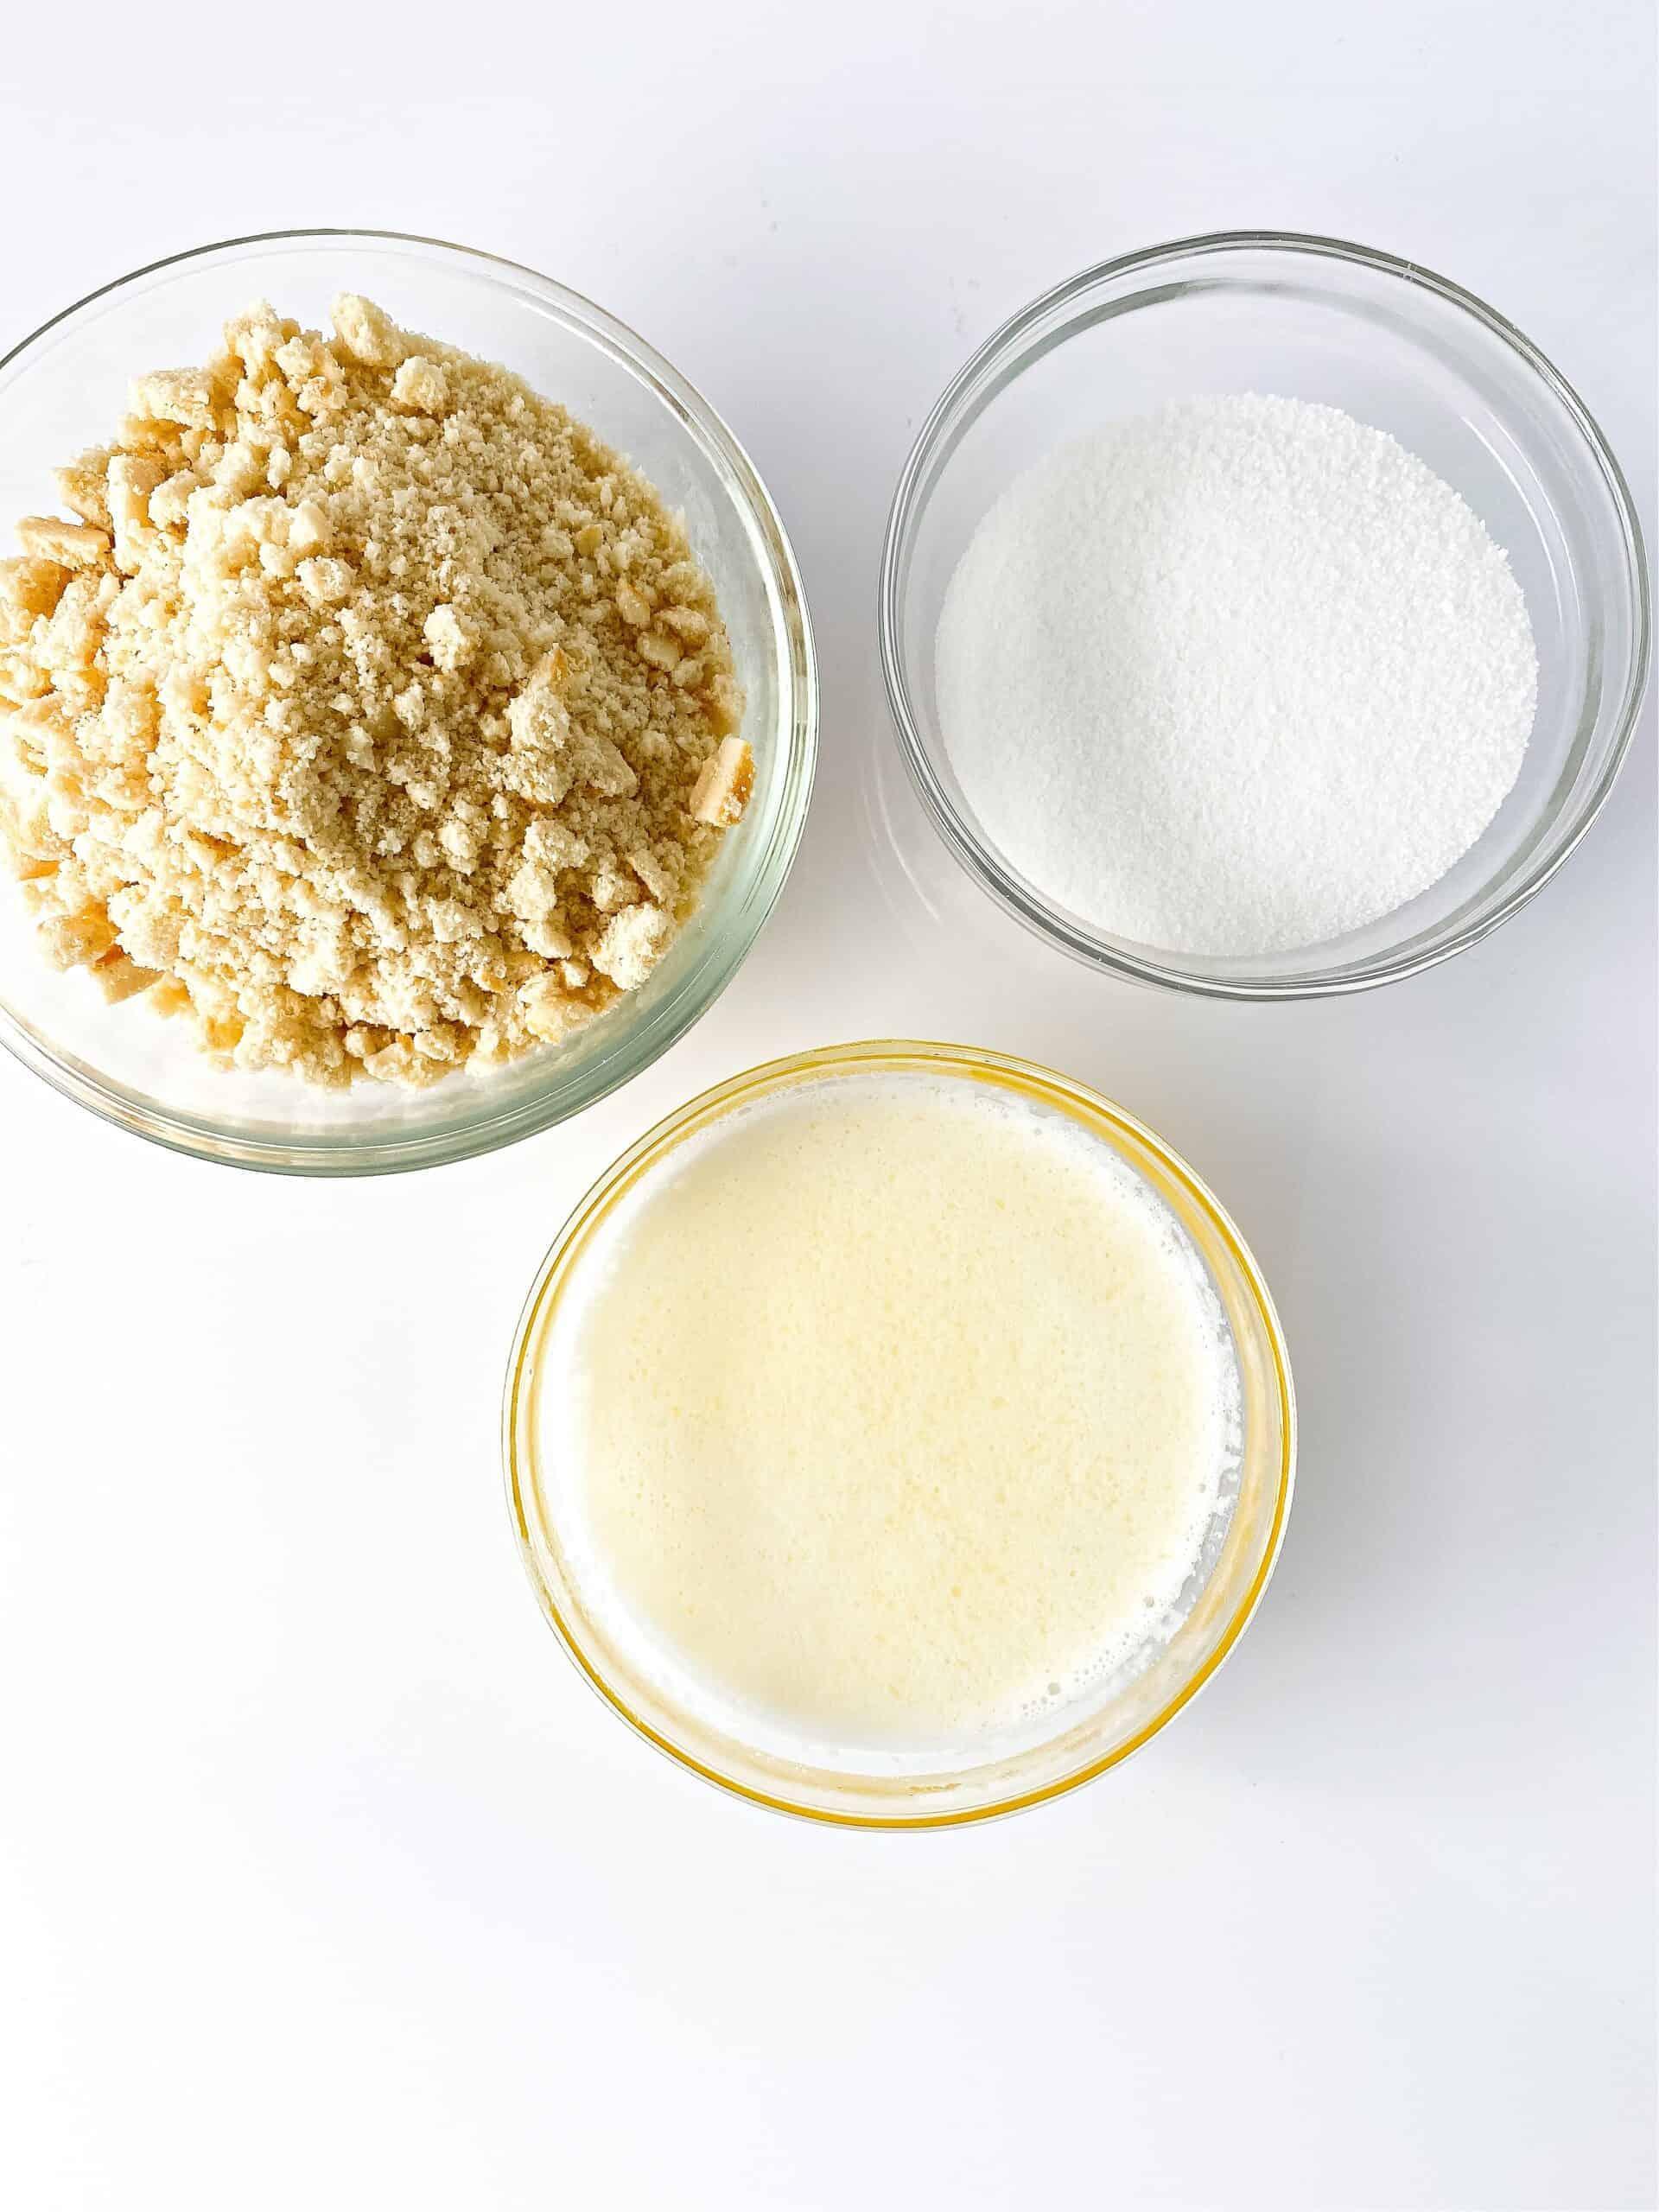 cheesecake crust ingredients